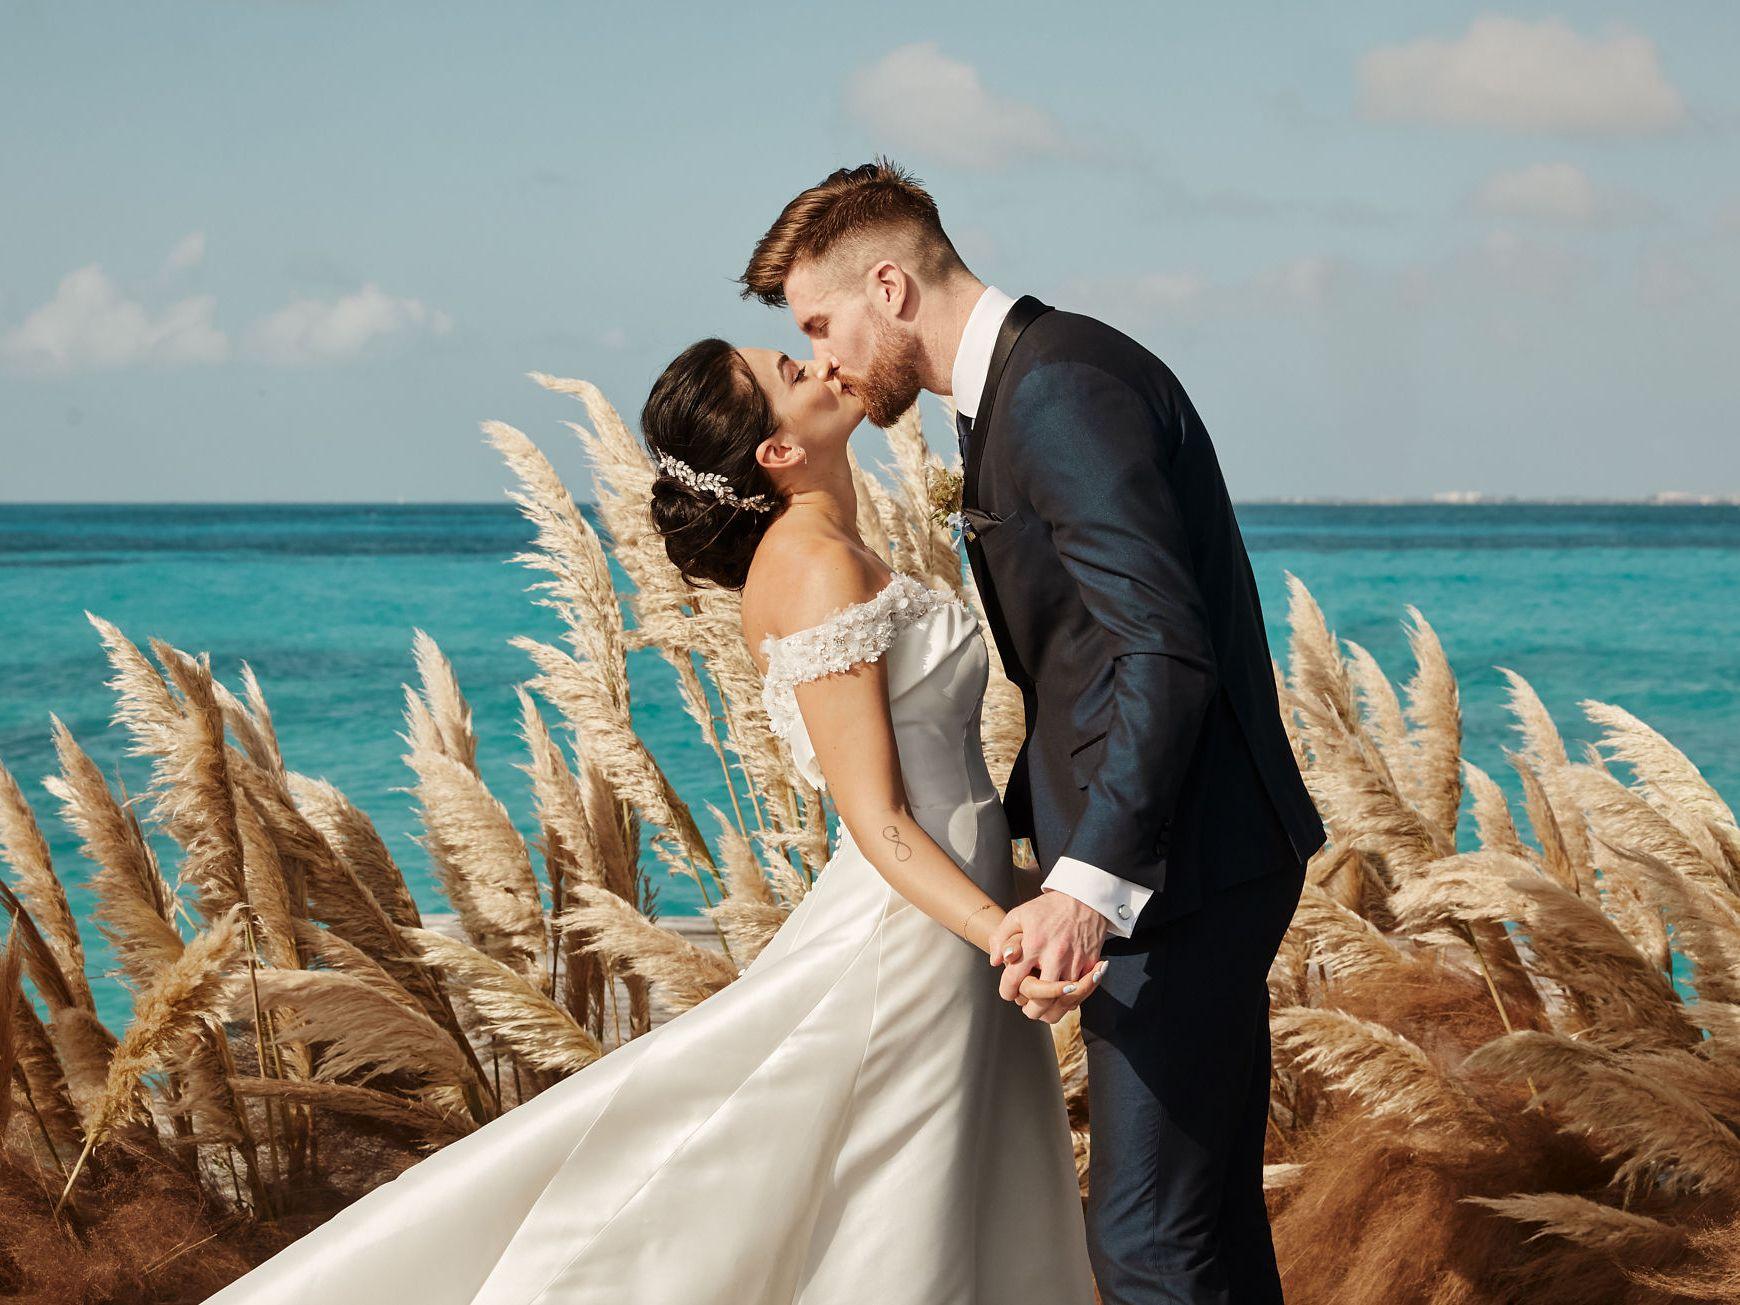 4fcdc116745cc Andreea Cristina's Intimate Destination Wedding in Mexico